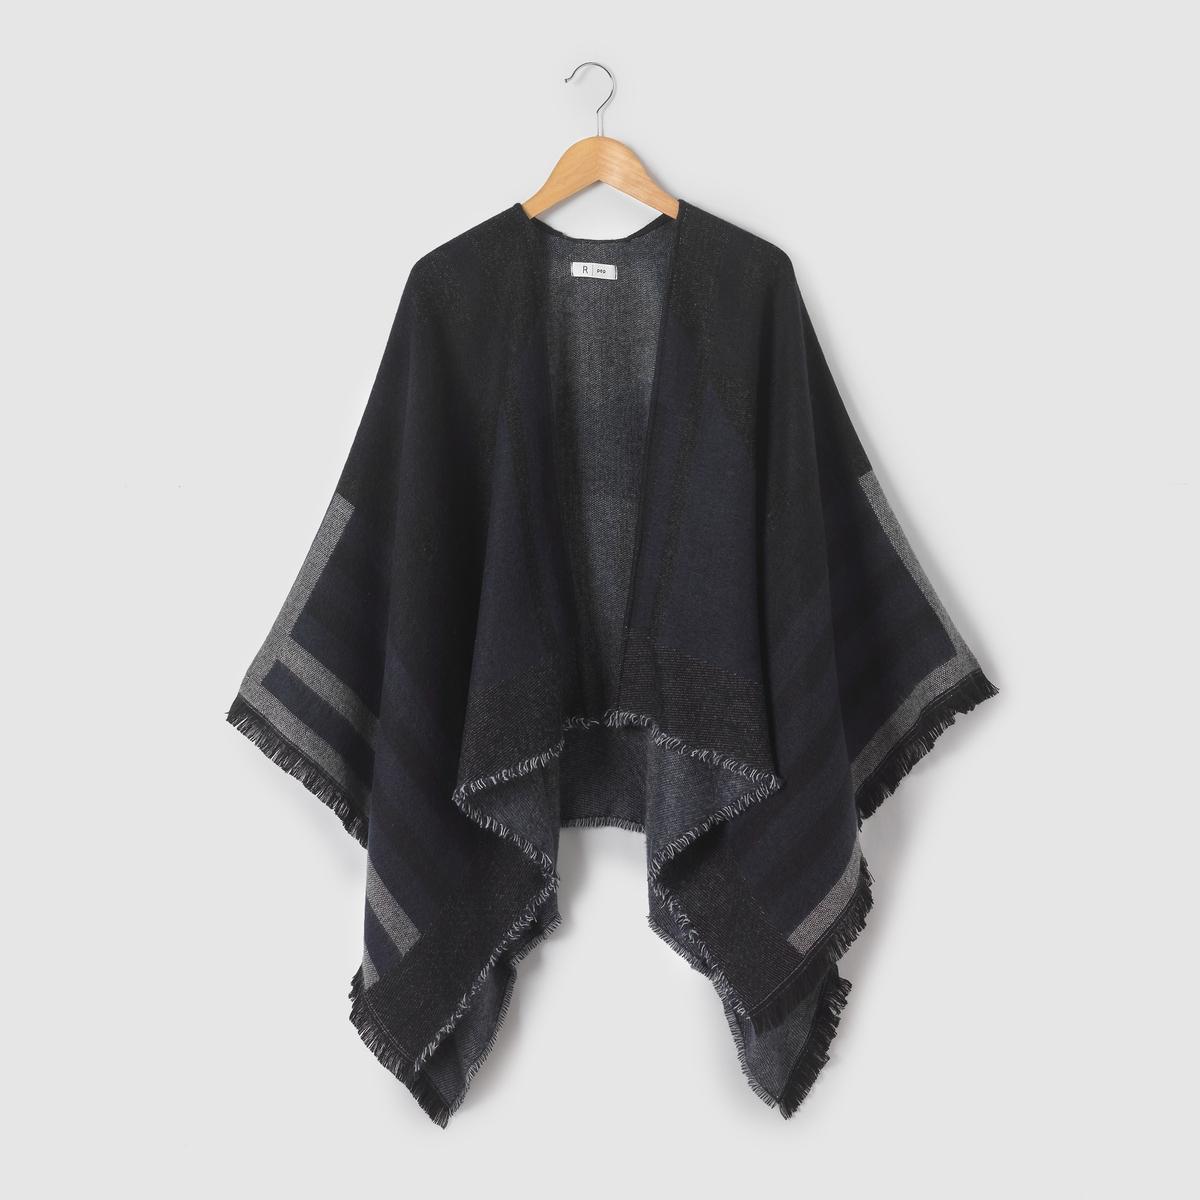 Кардиган-пончо единого размера пальто пончо большого размера